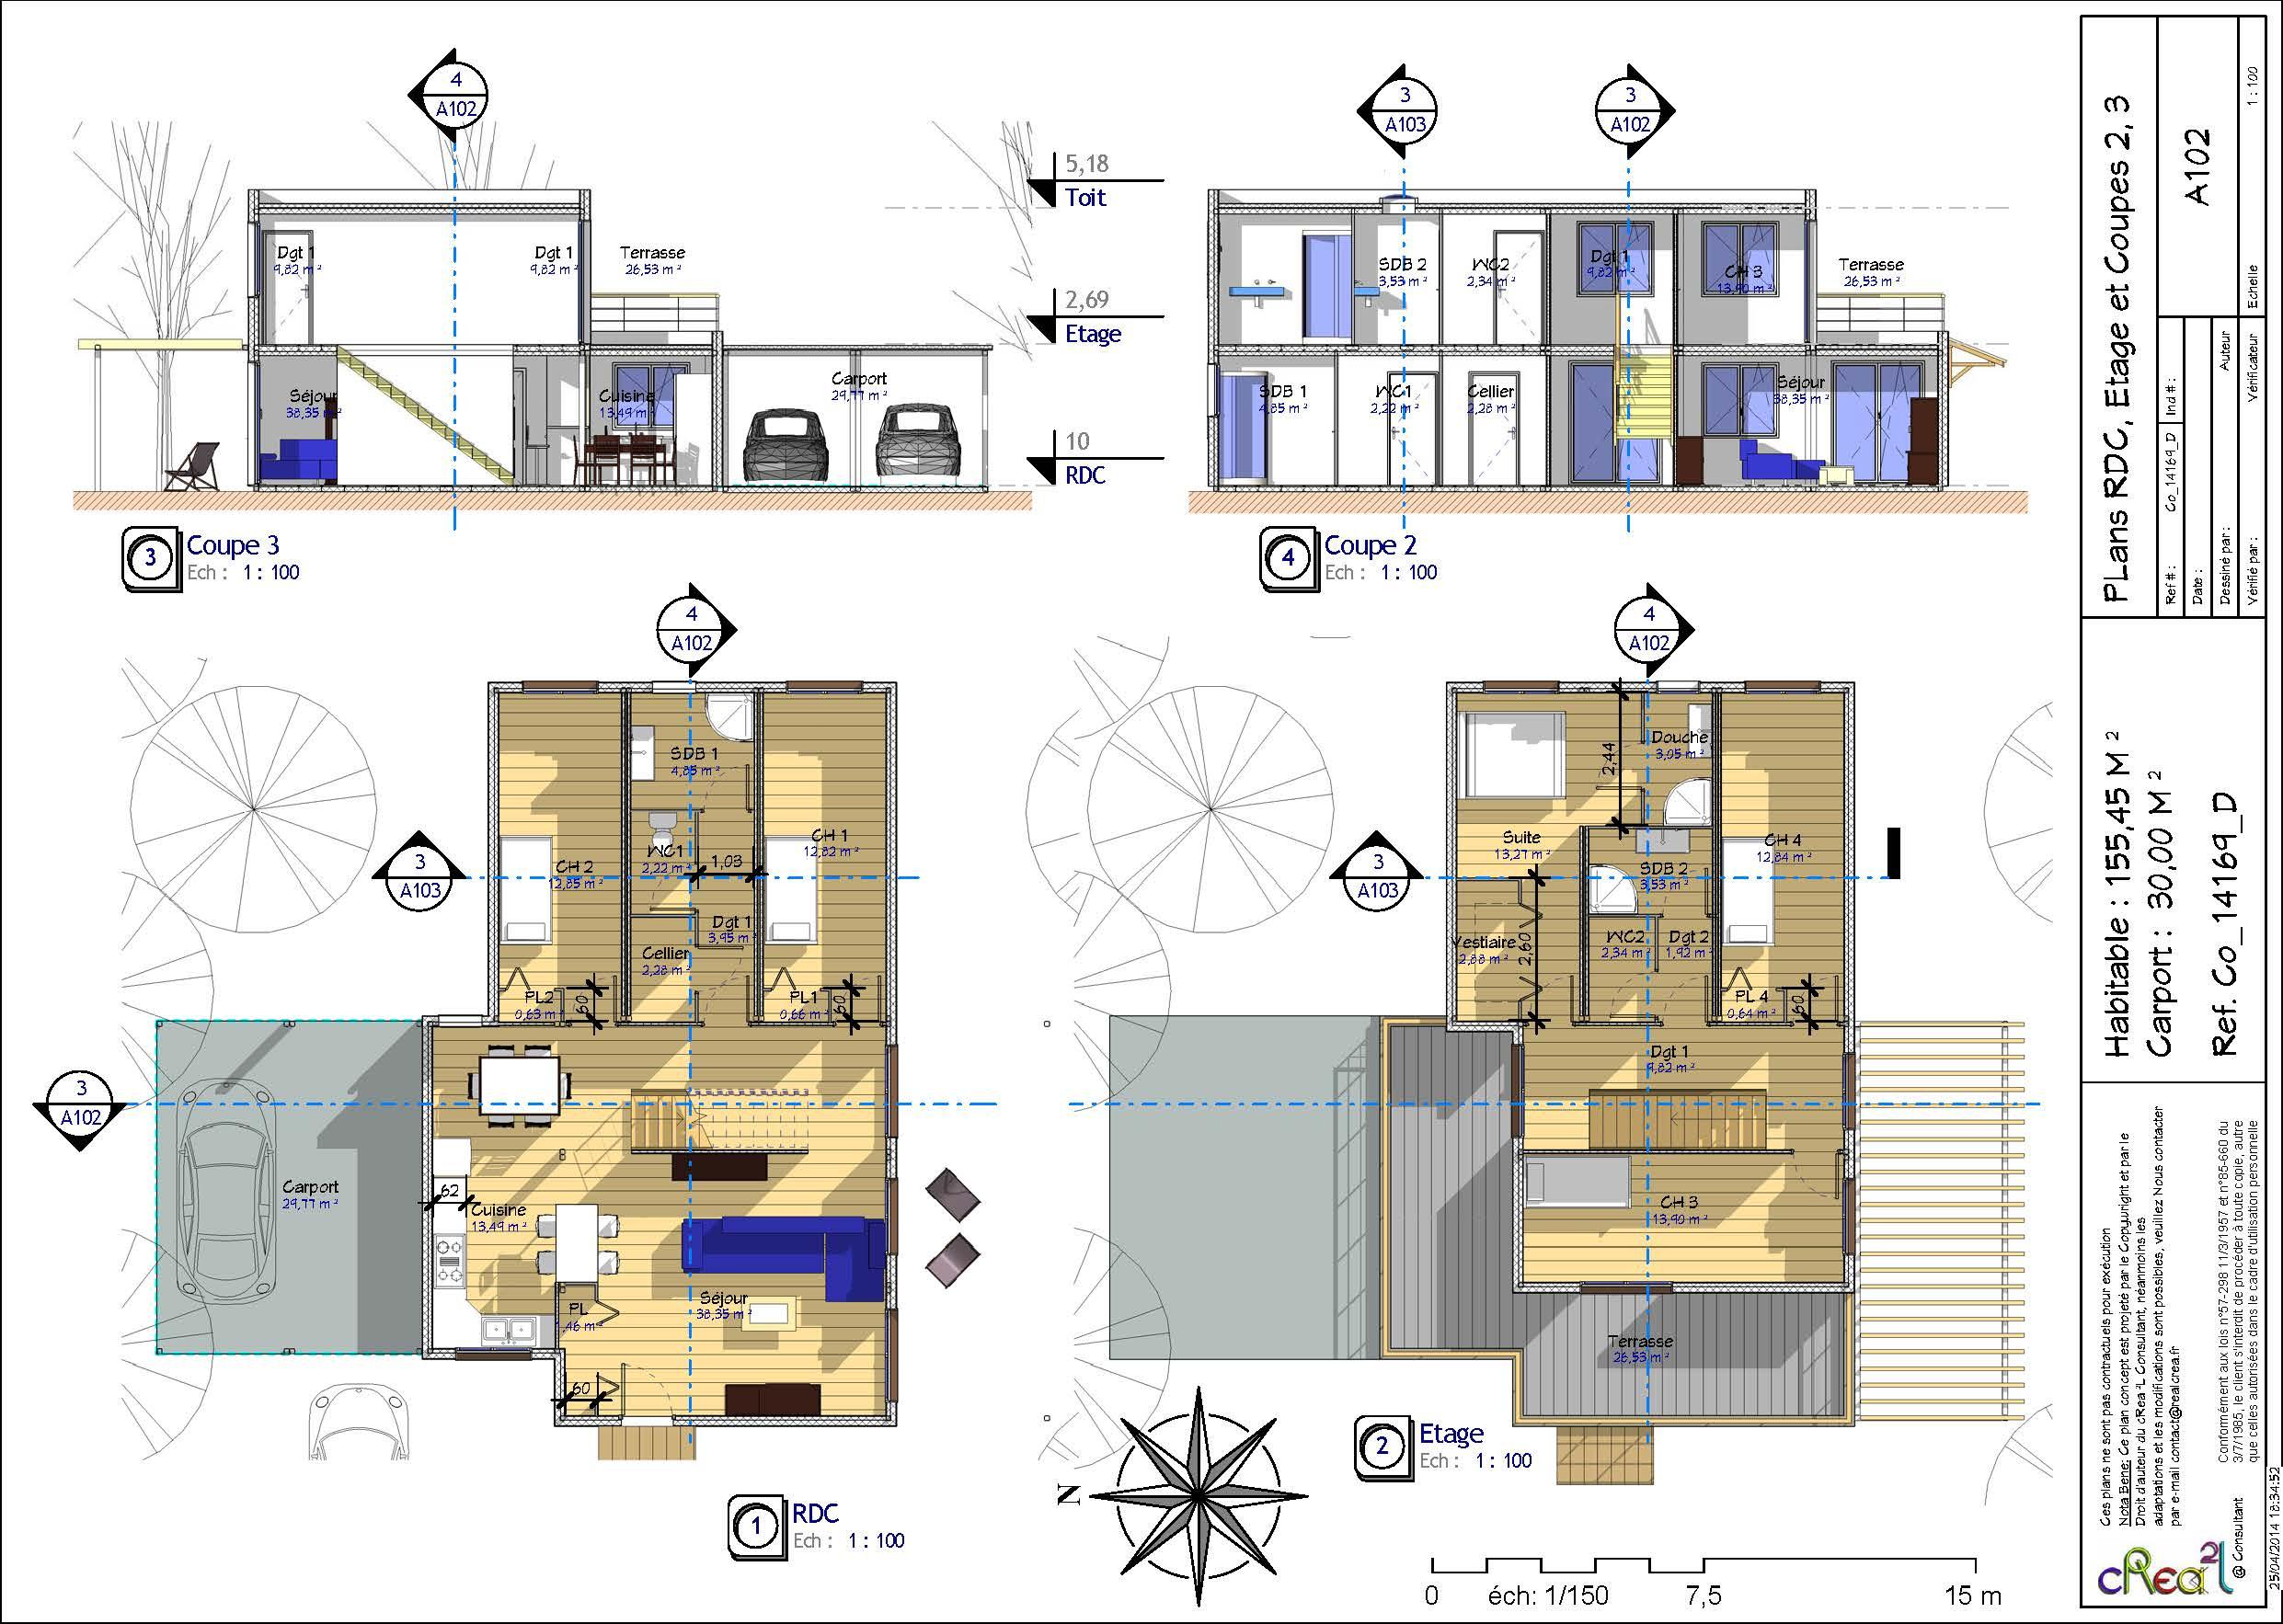 Plan de maison conteneur - Idées de travaux